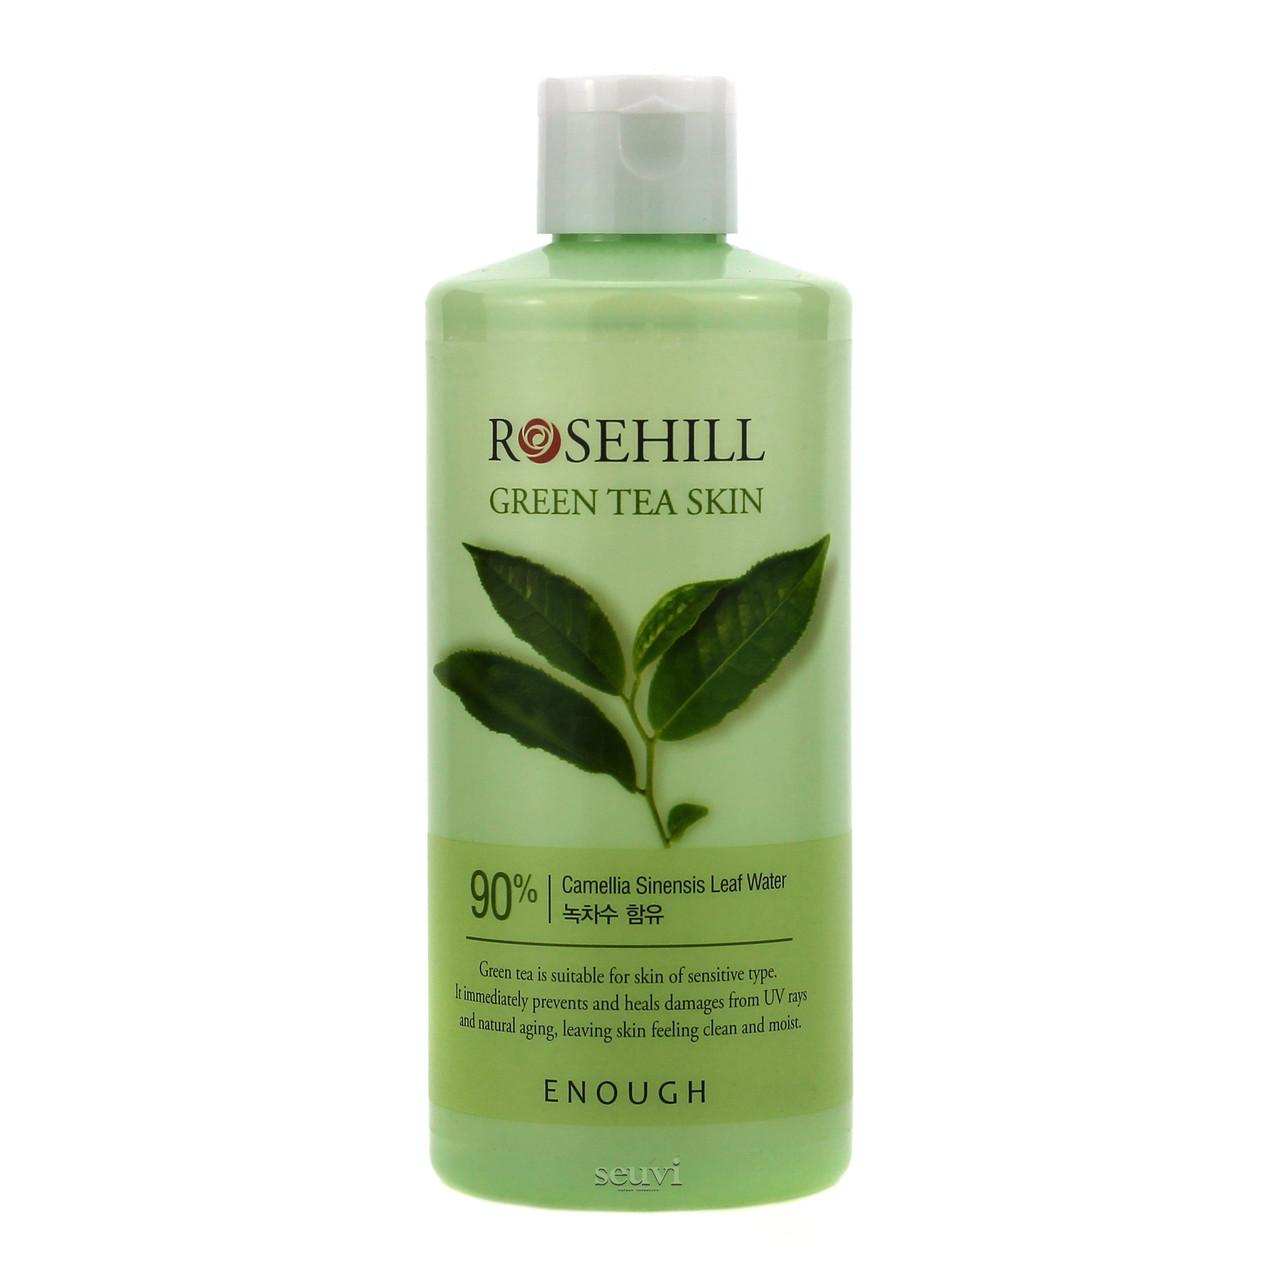 Тонер с зеленым чаем Enough Rosehill Green Tea Skin 90% - 300 мл